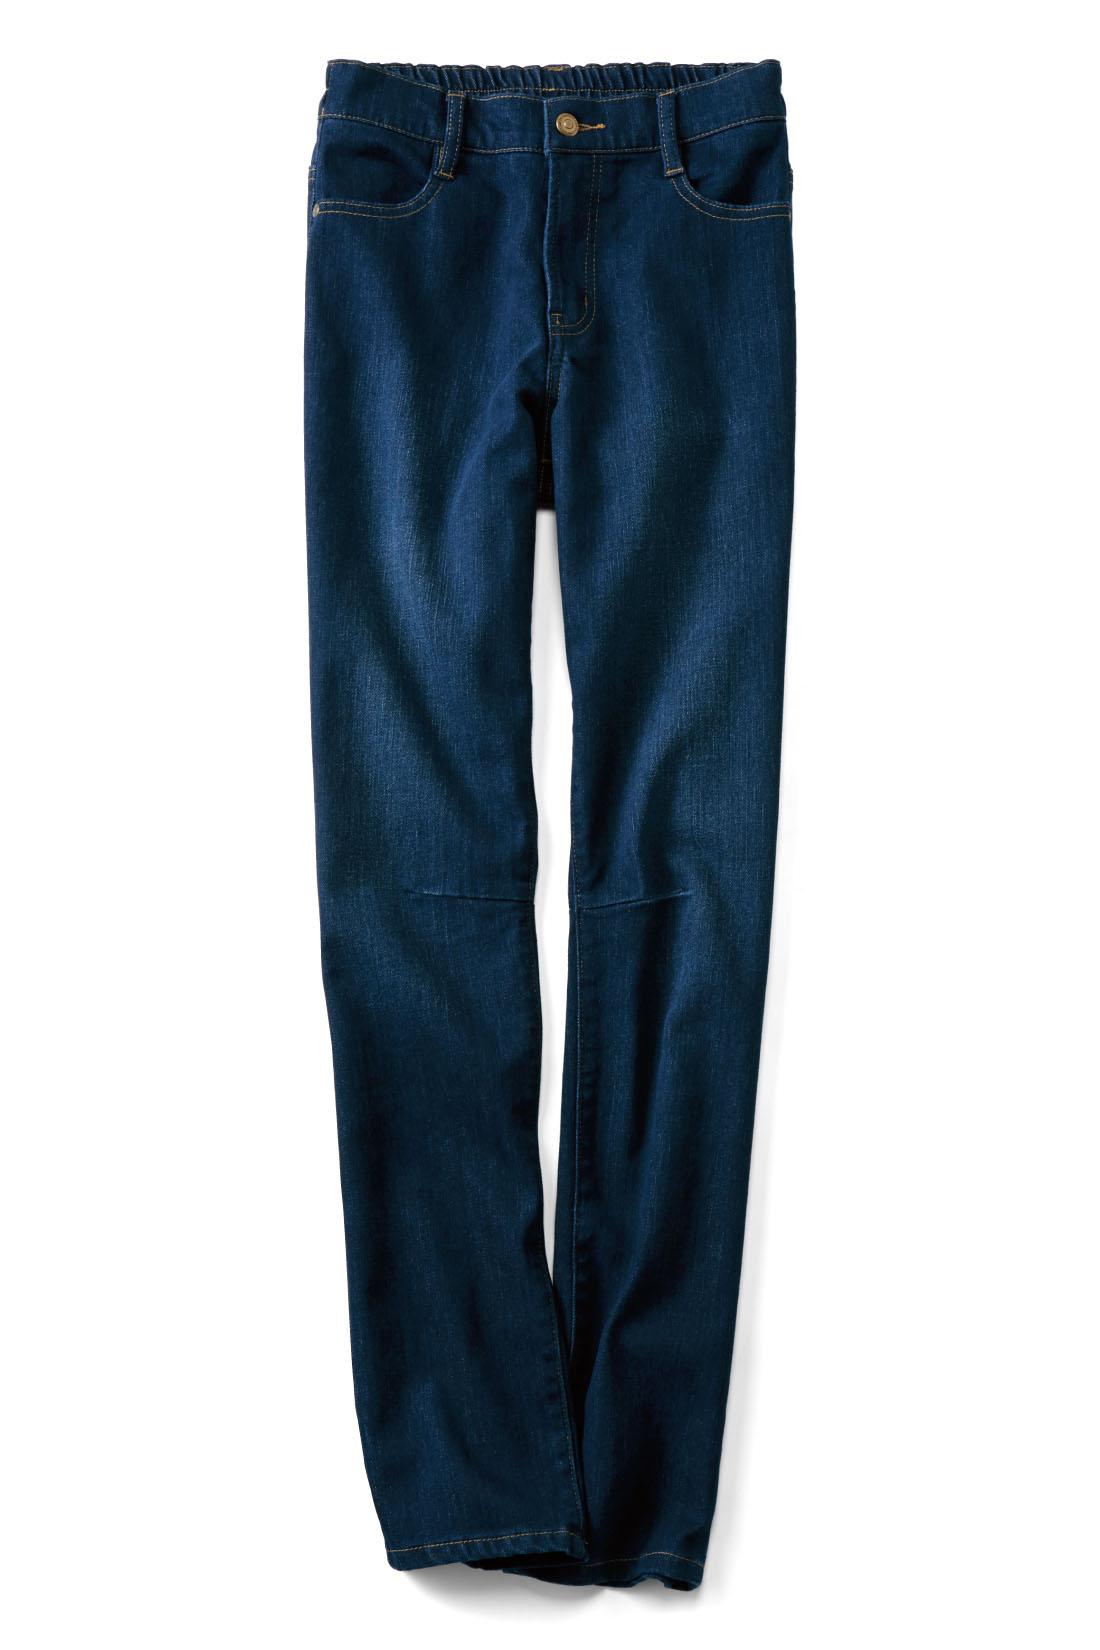 きれいめにはける【インディゴ】 ひざのダーツの立体感で、すっきり見え度をアップ。動きやすさも抜群。